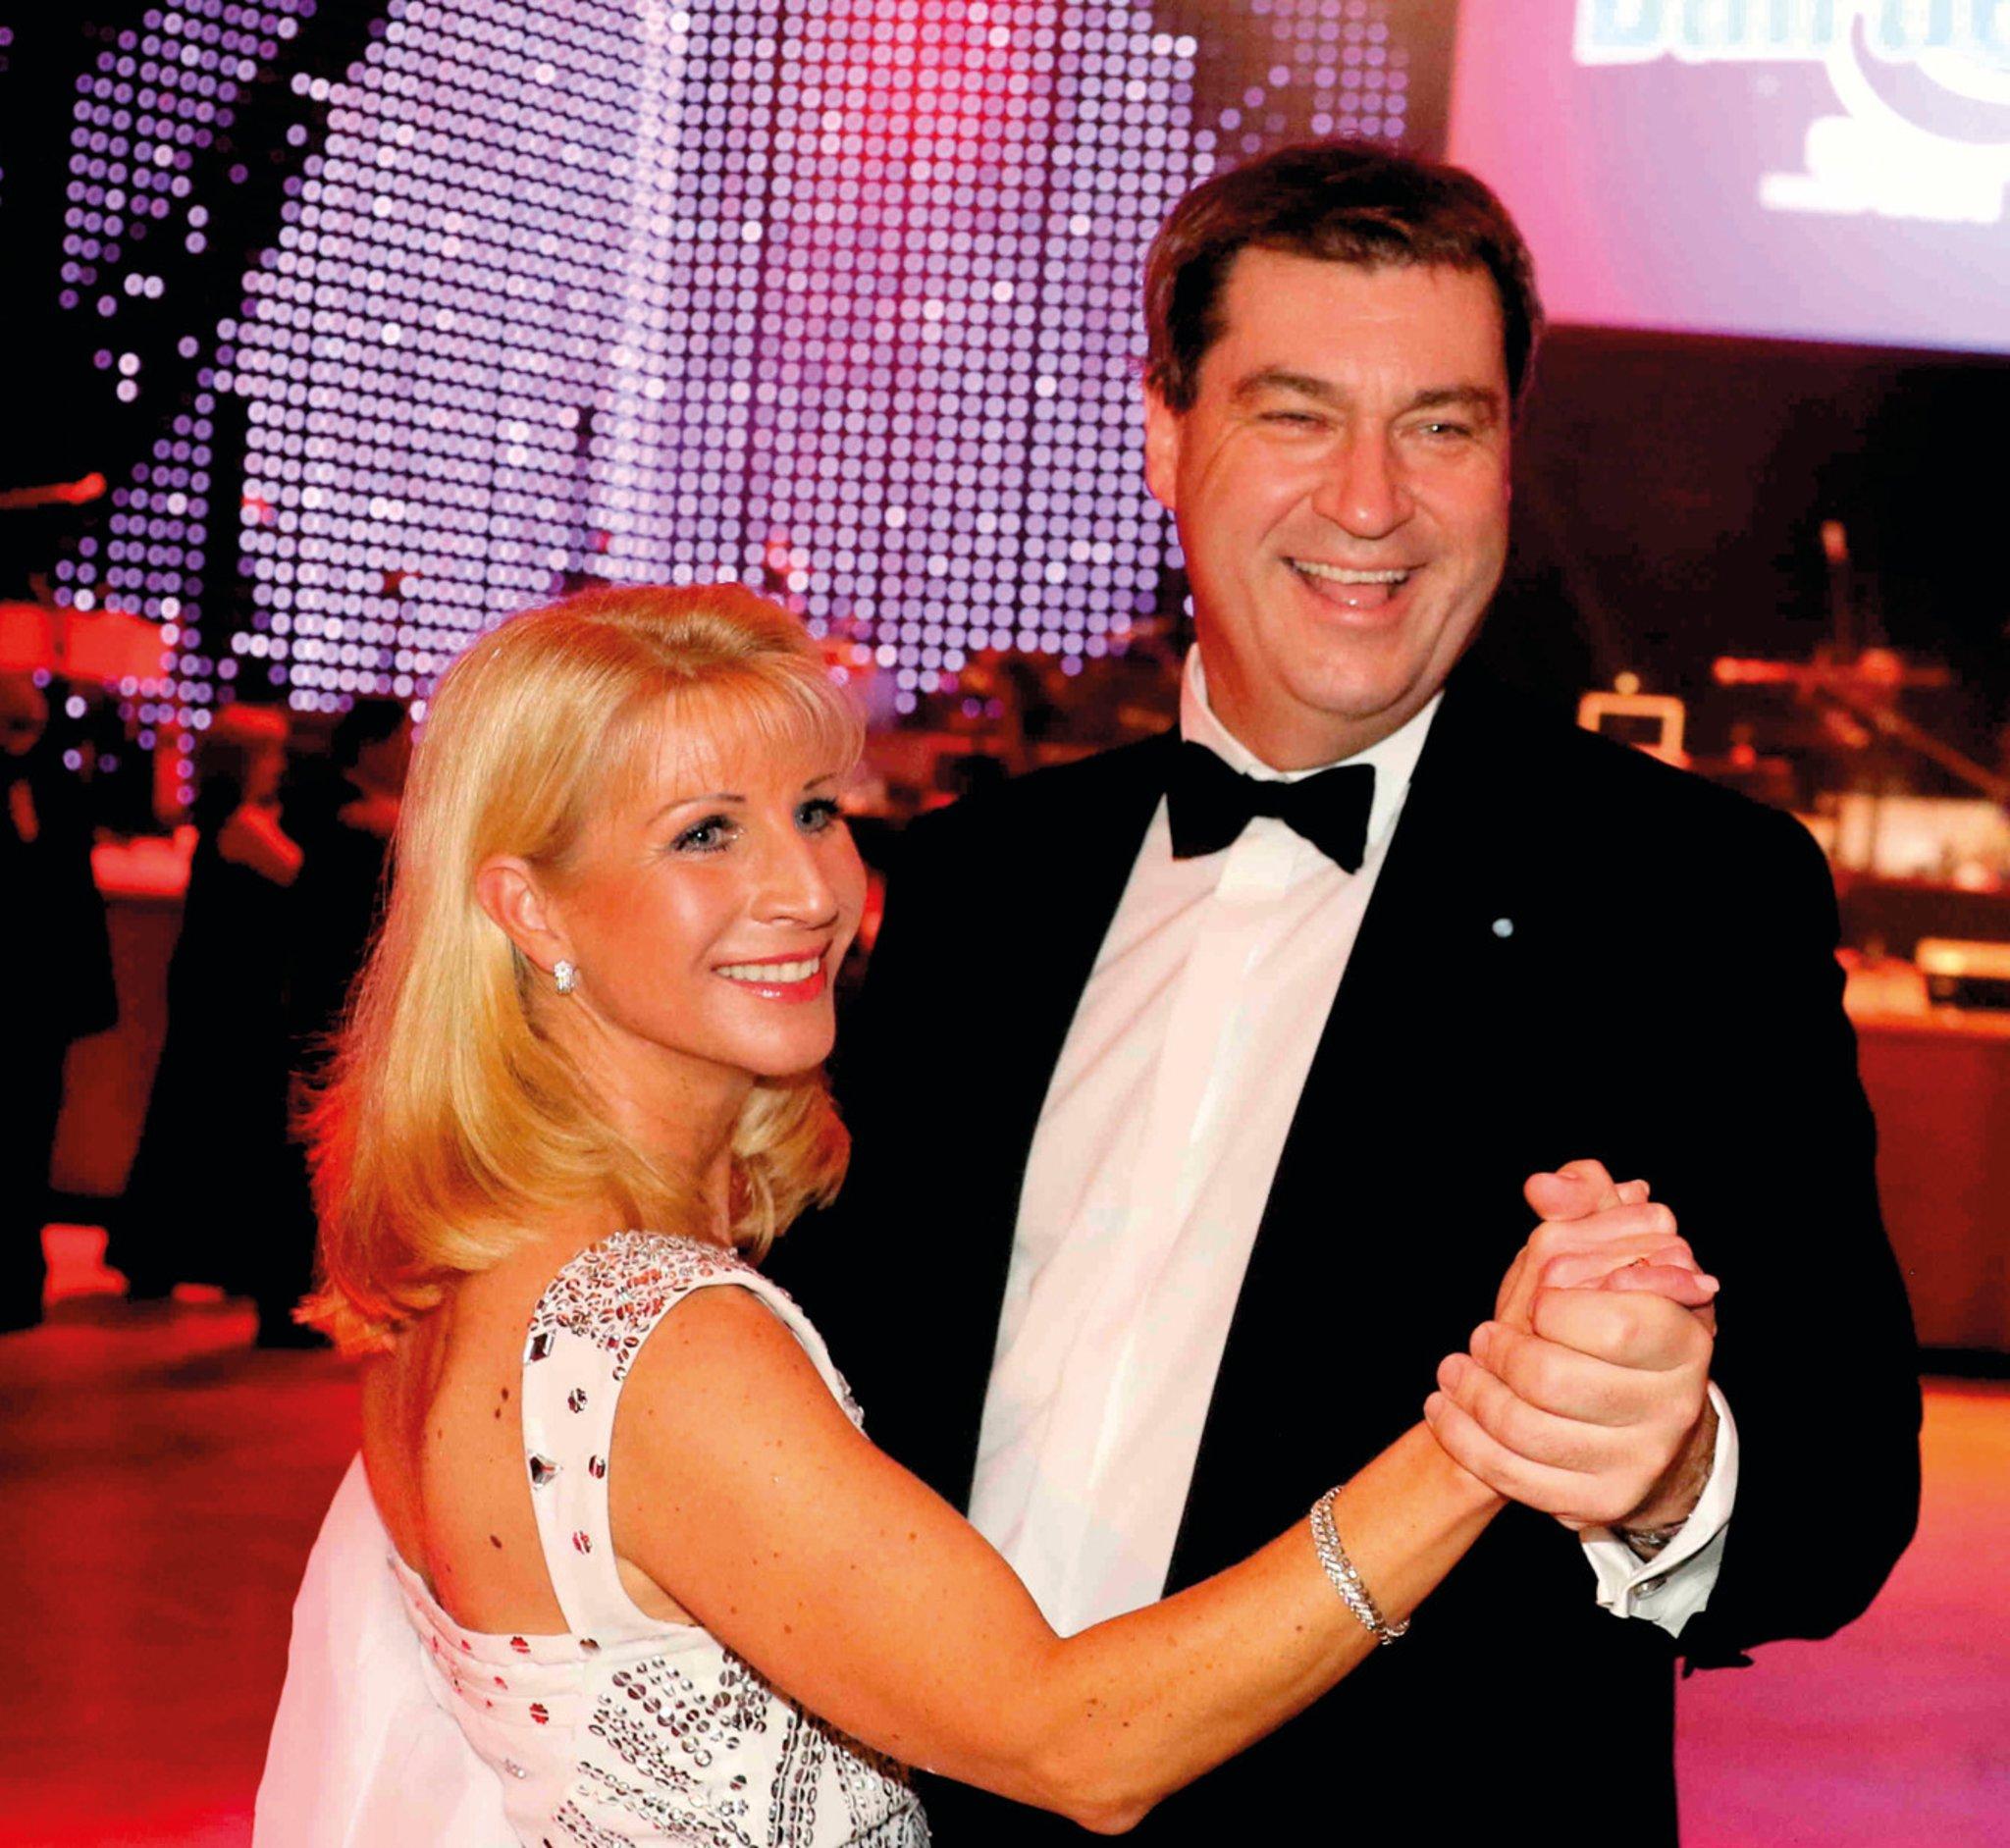 Am Wochenende Ist Es Soweit Ministerprasident Markus Soder Freut Sich Auf Den Ball Der Union Nurnberg